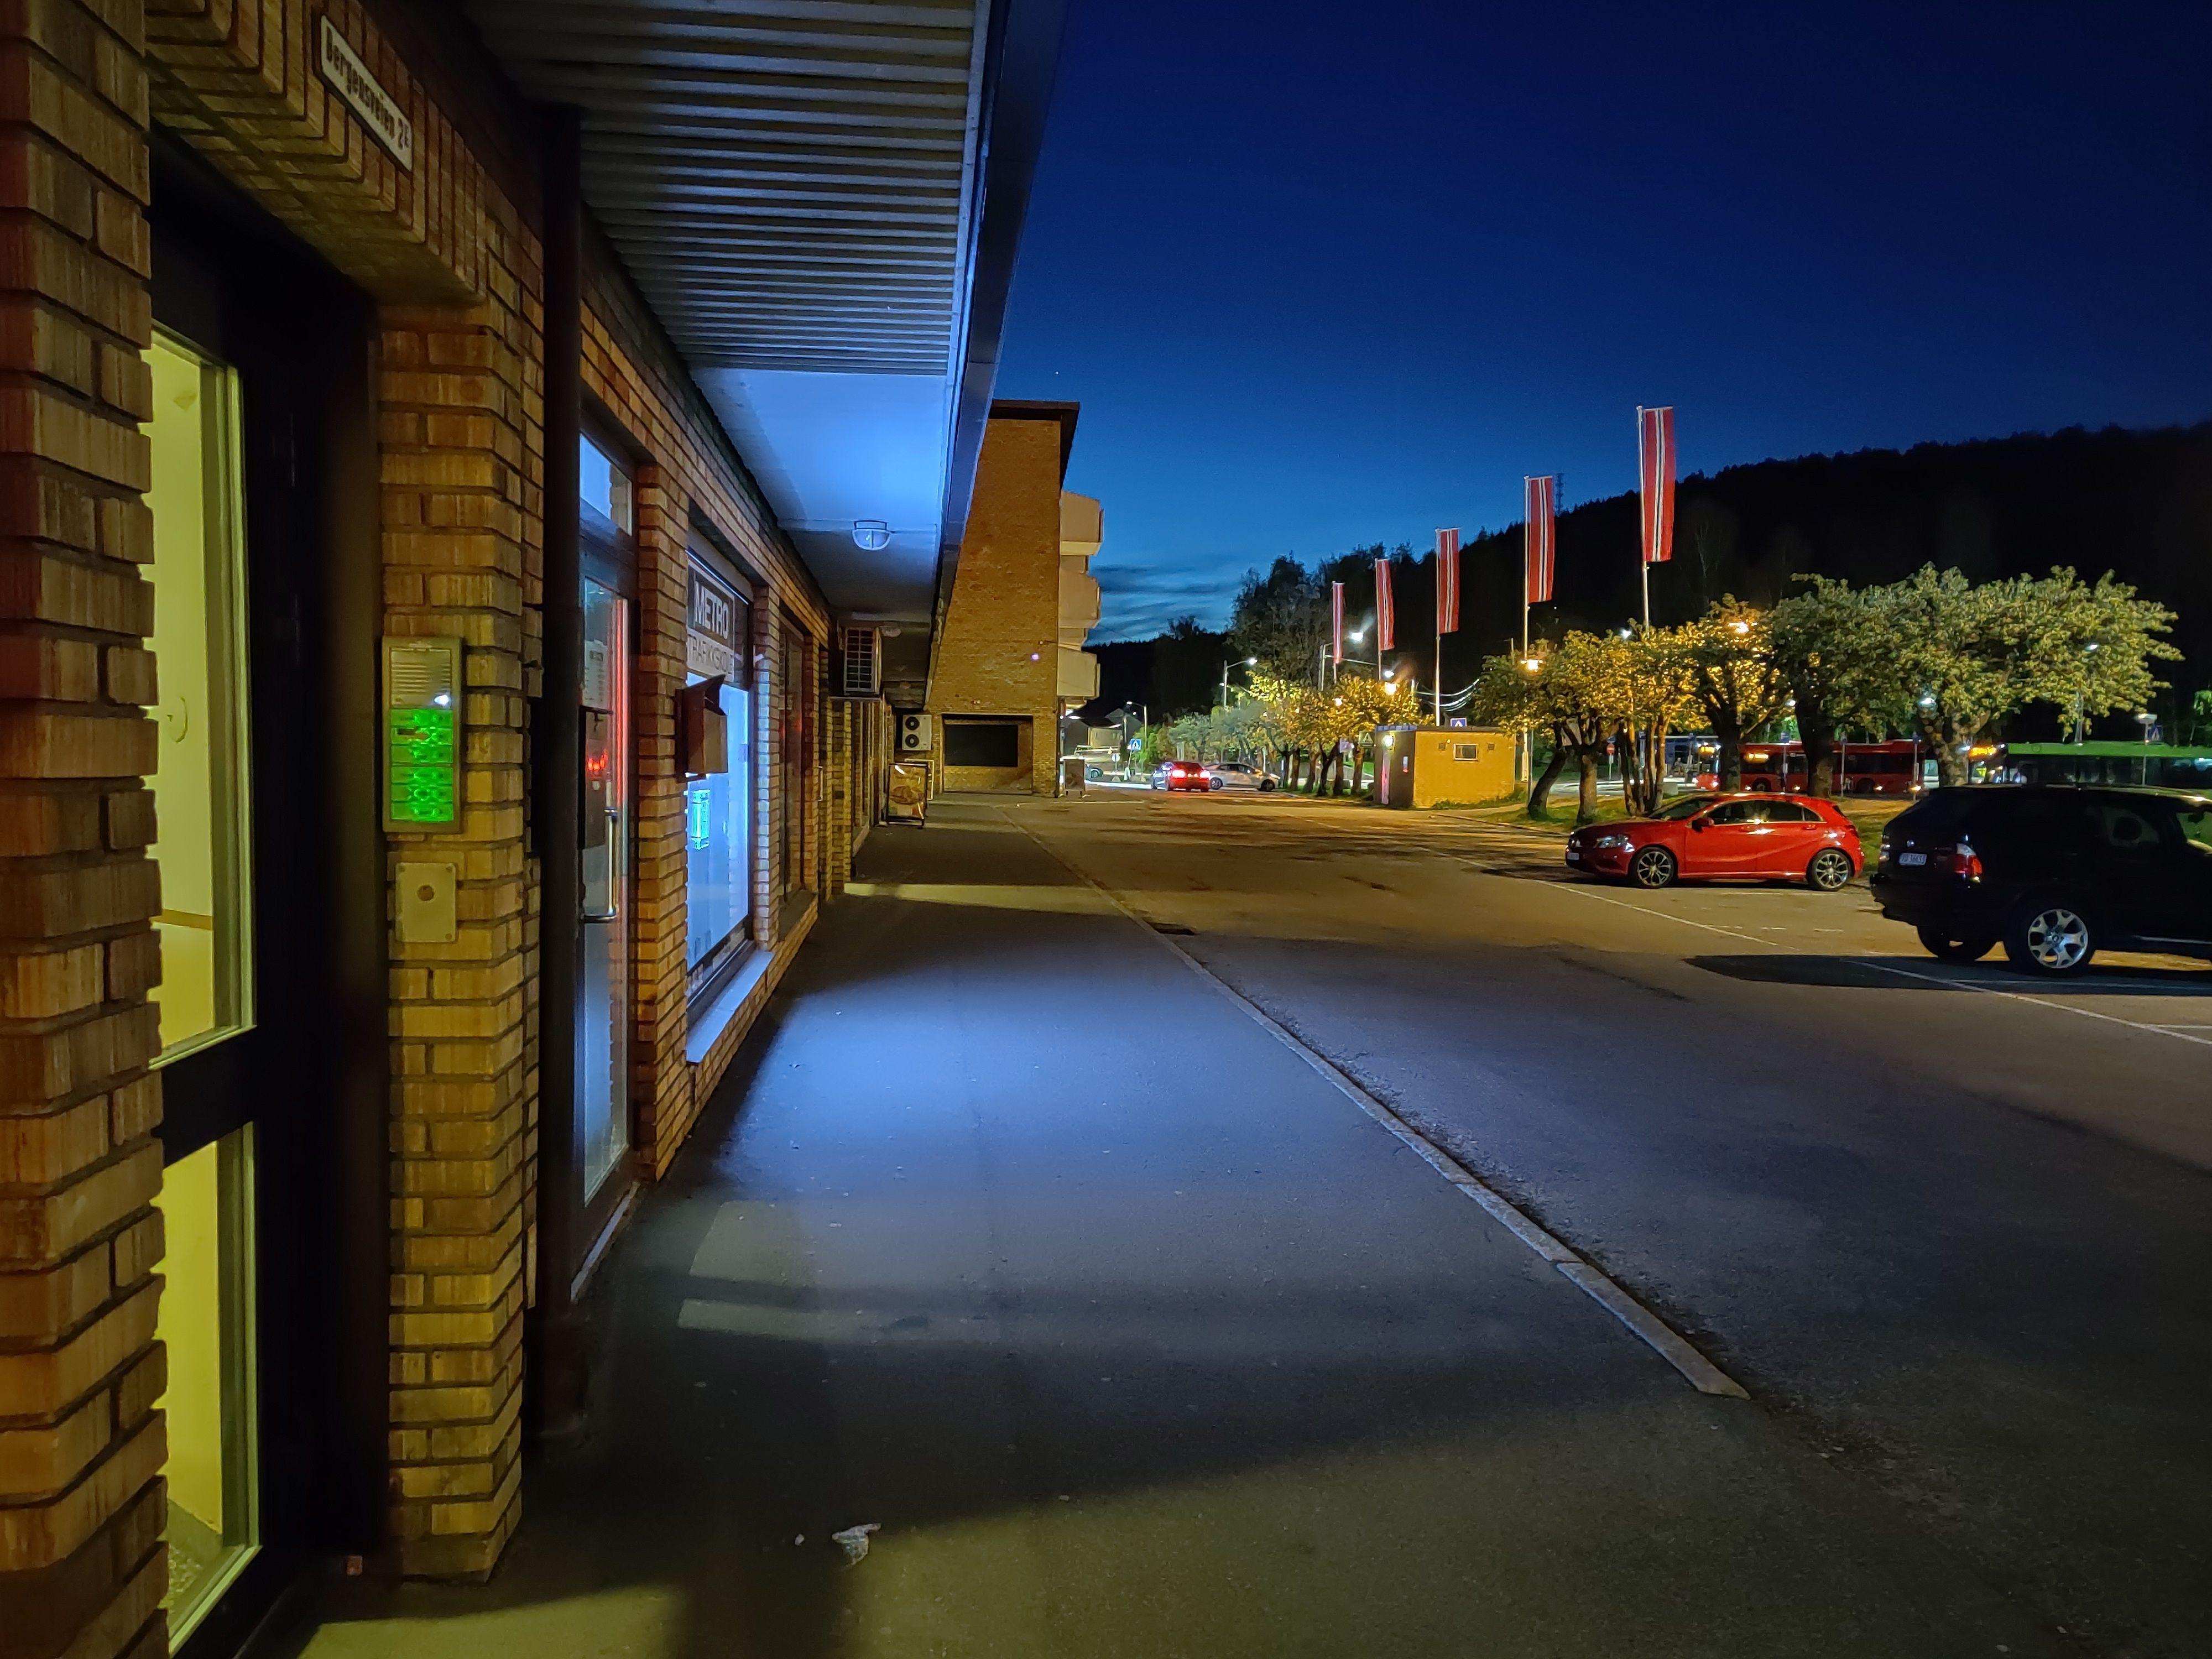 Noen nattbilder blir svært så gode.